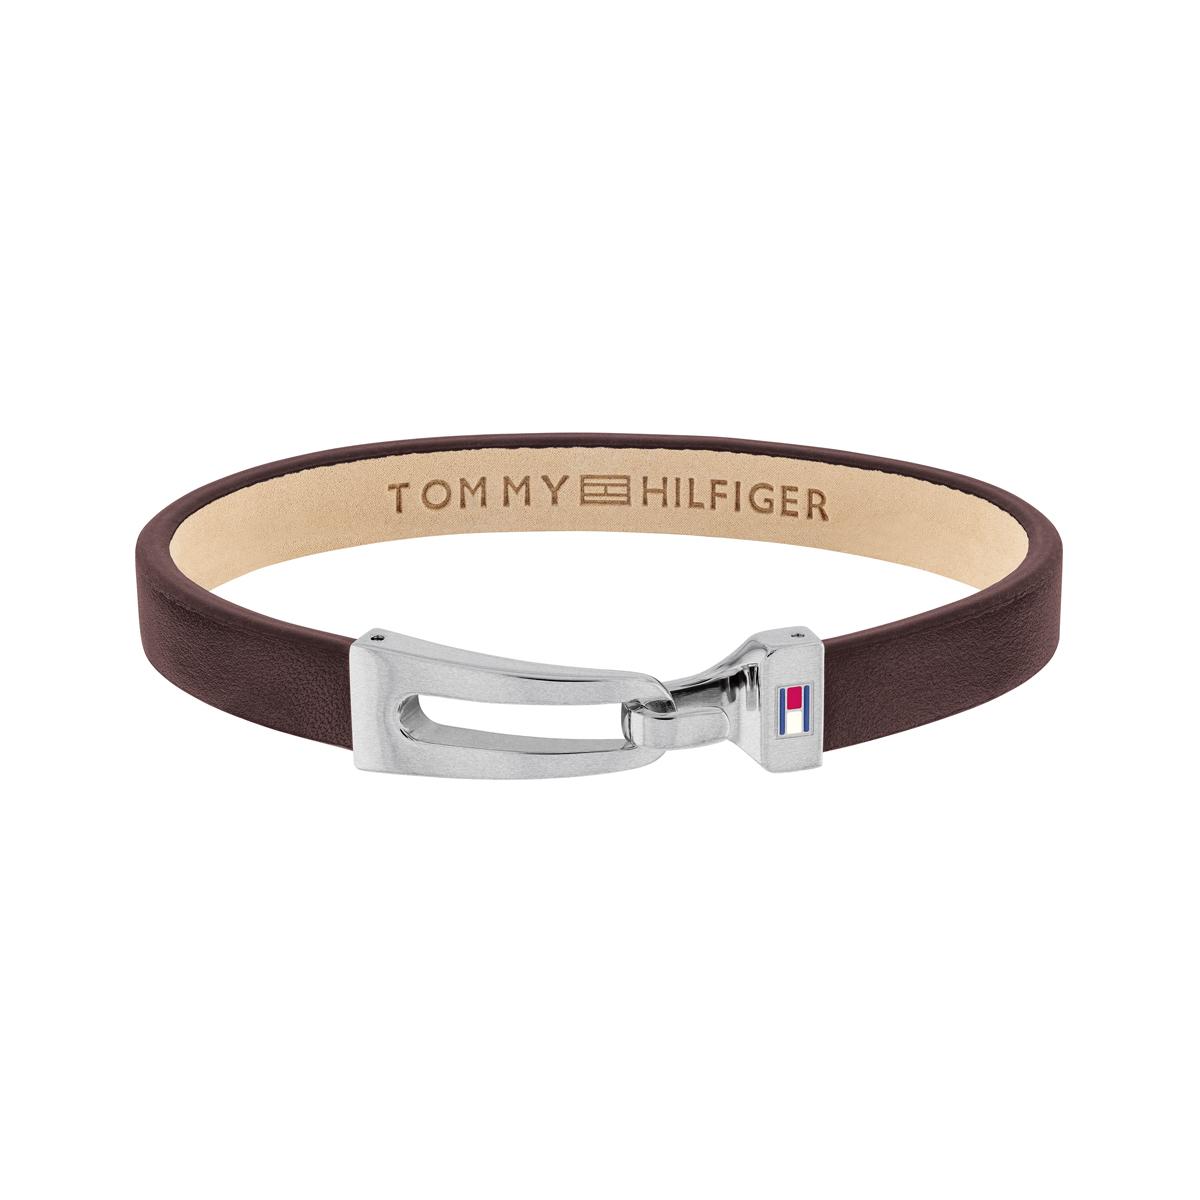 Tommy Hilfiger leren armband TJ2790053 bruin